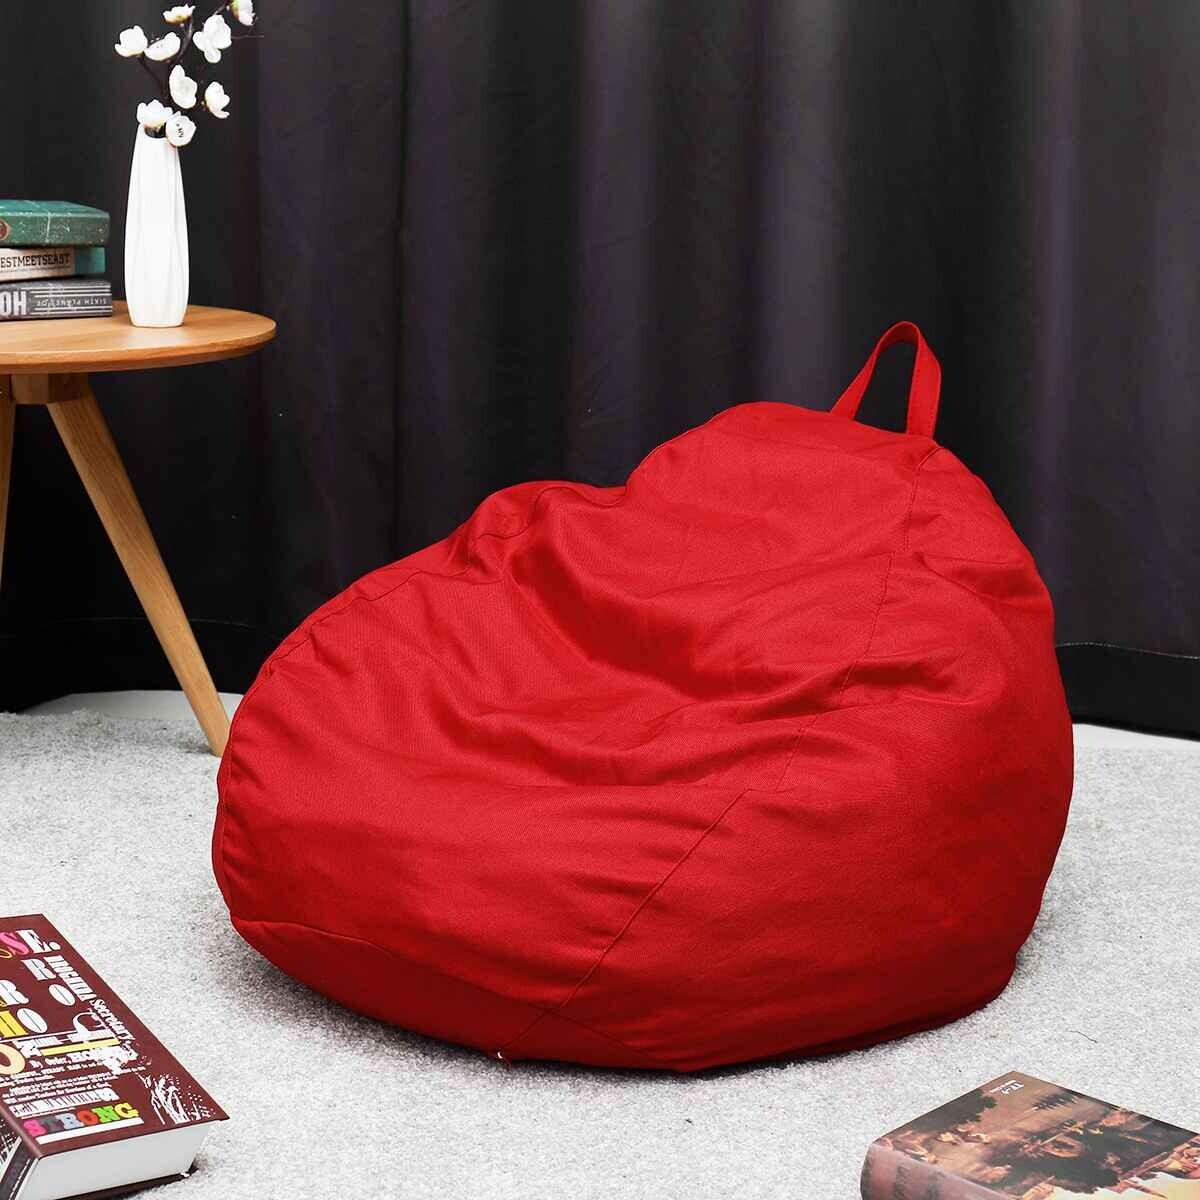 Bảng giá Lớn Nhỏ Lười Beanbag House Sofa Bao Ghế Mà Không Chất Độn Lửng Ghế Đậu Túi Pouf Phồng Ghế Dài Tất Nam Phòng Khách